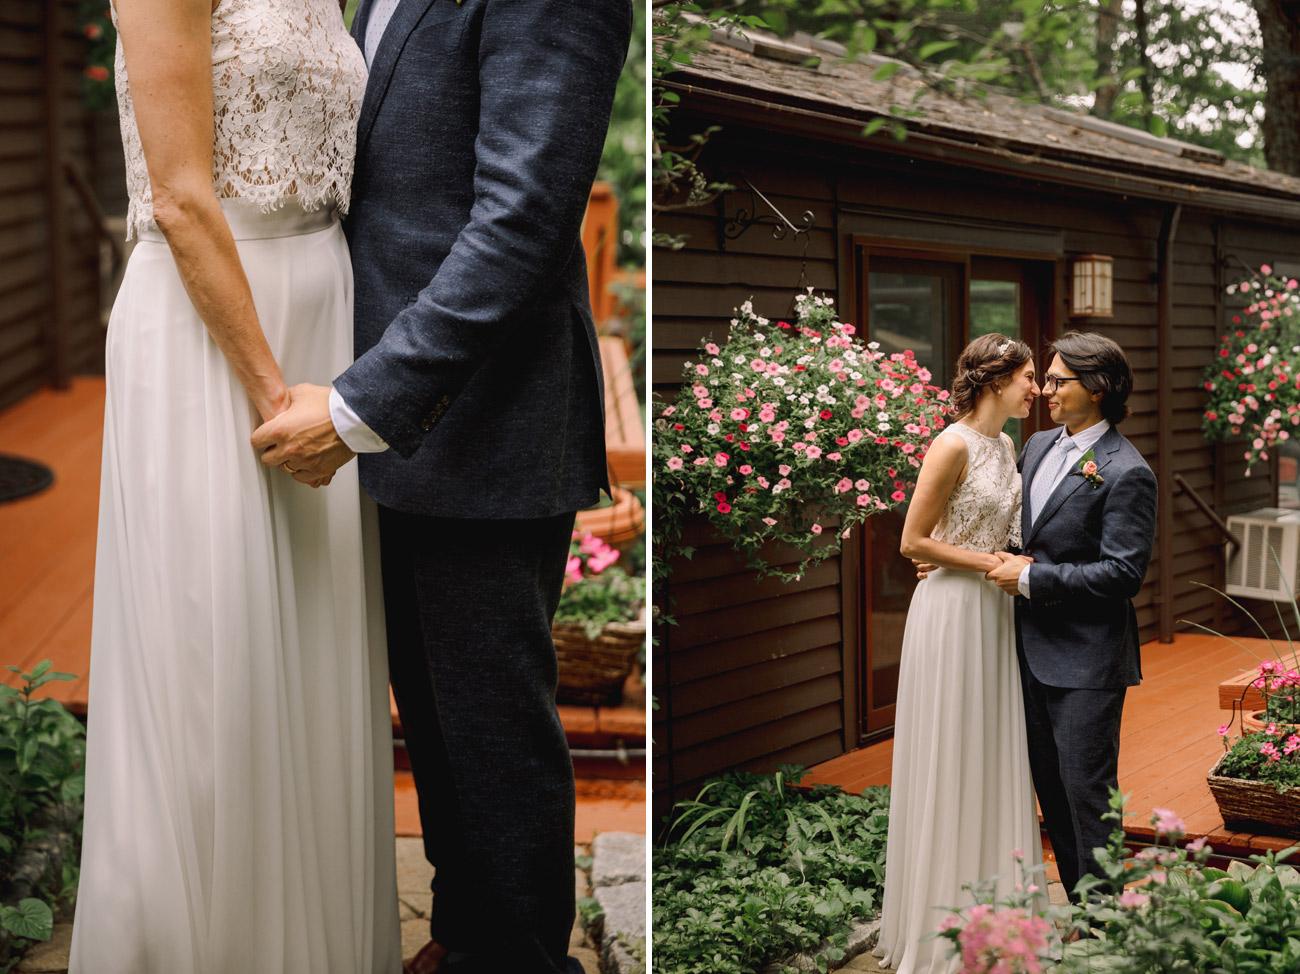 capecod_backyard_wedding_photos_mikhail_31.JPG